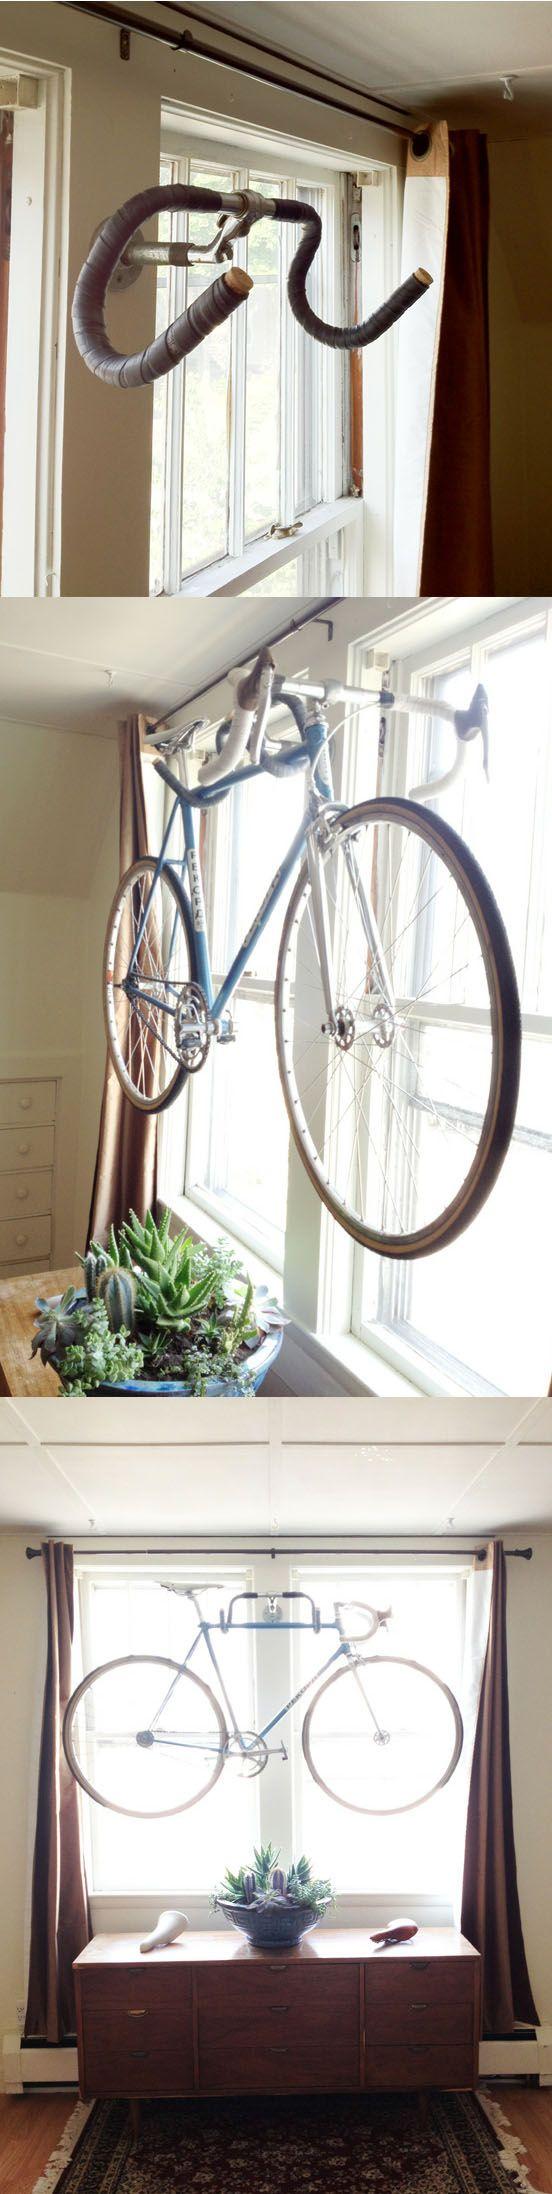 Diy Wall Bike Hanger Cuerno Buenas Ideas Y Bicicleta # Muebles Bicicleta